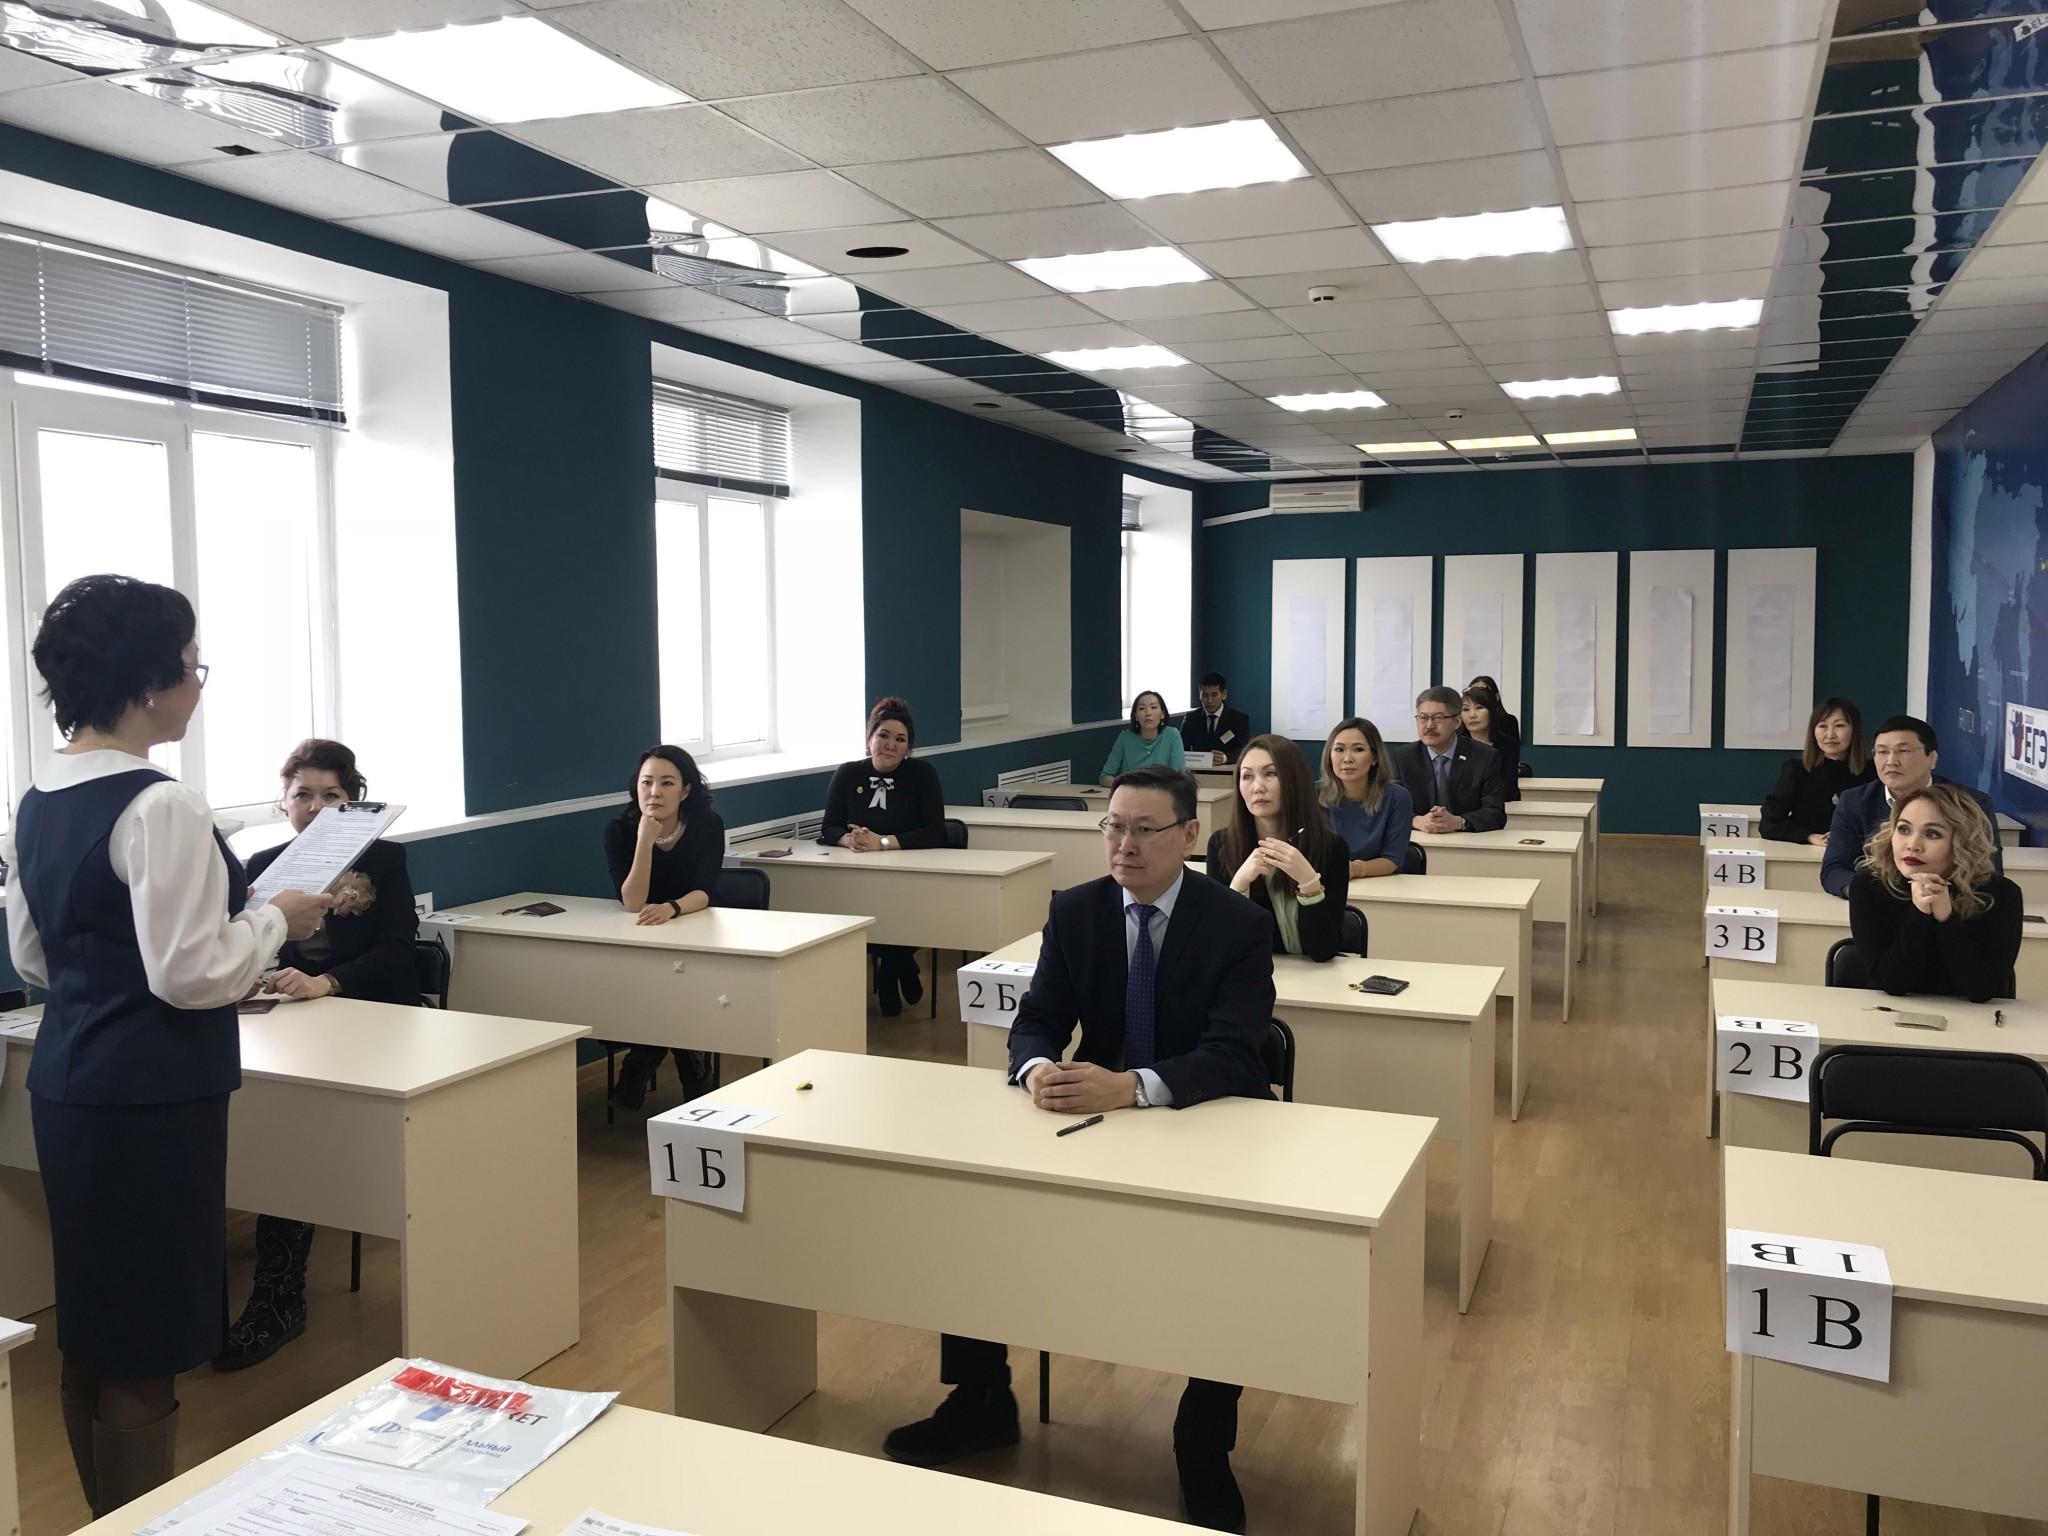 Не так страшен черт: В Якутске родители сдали ЕГЭ по русскому языку